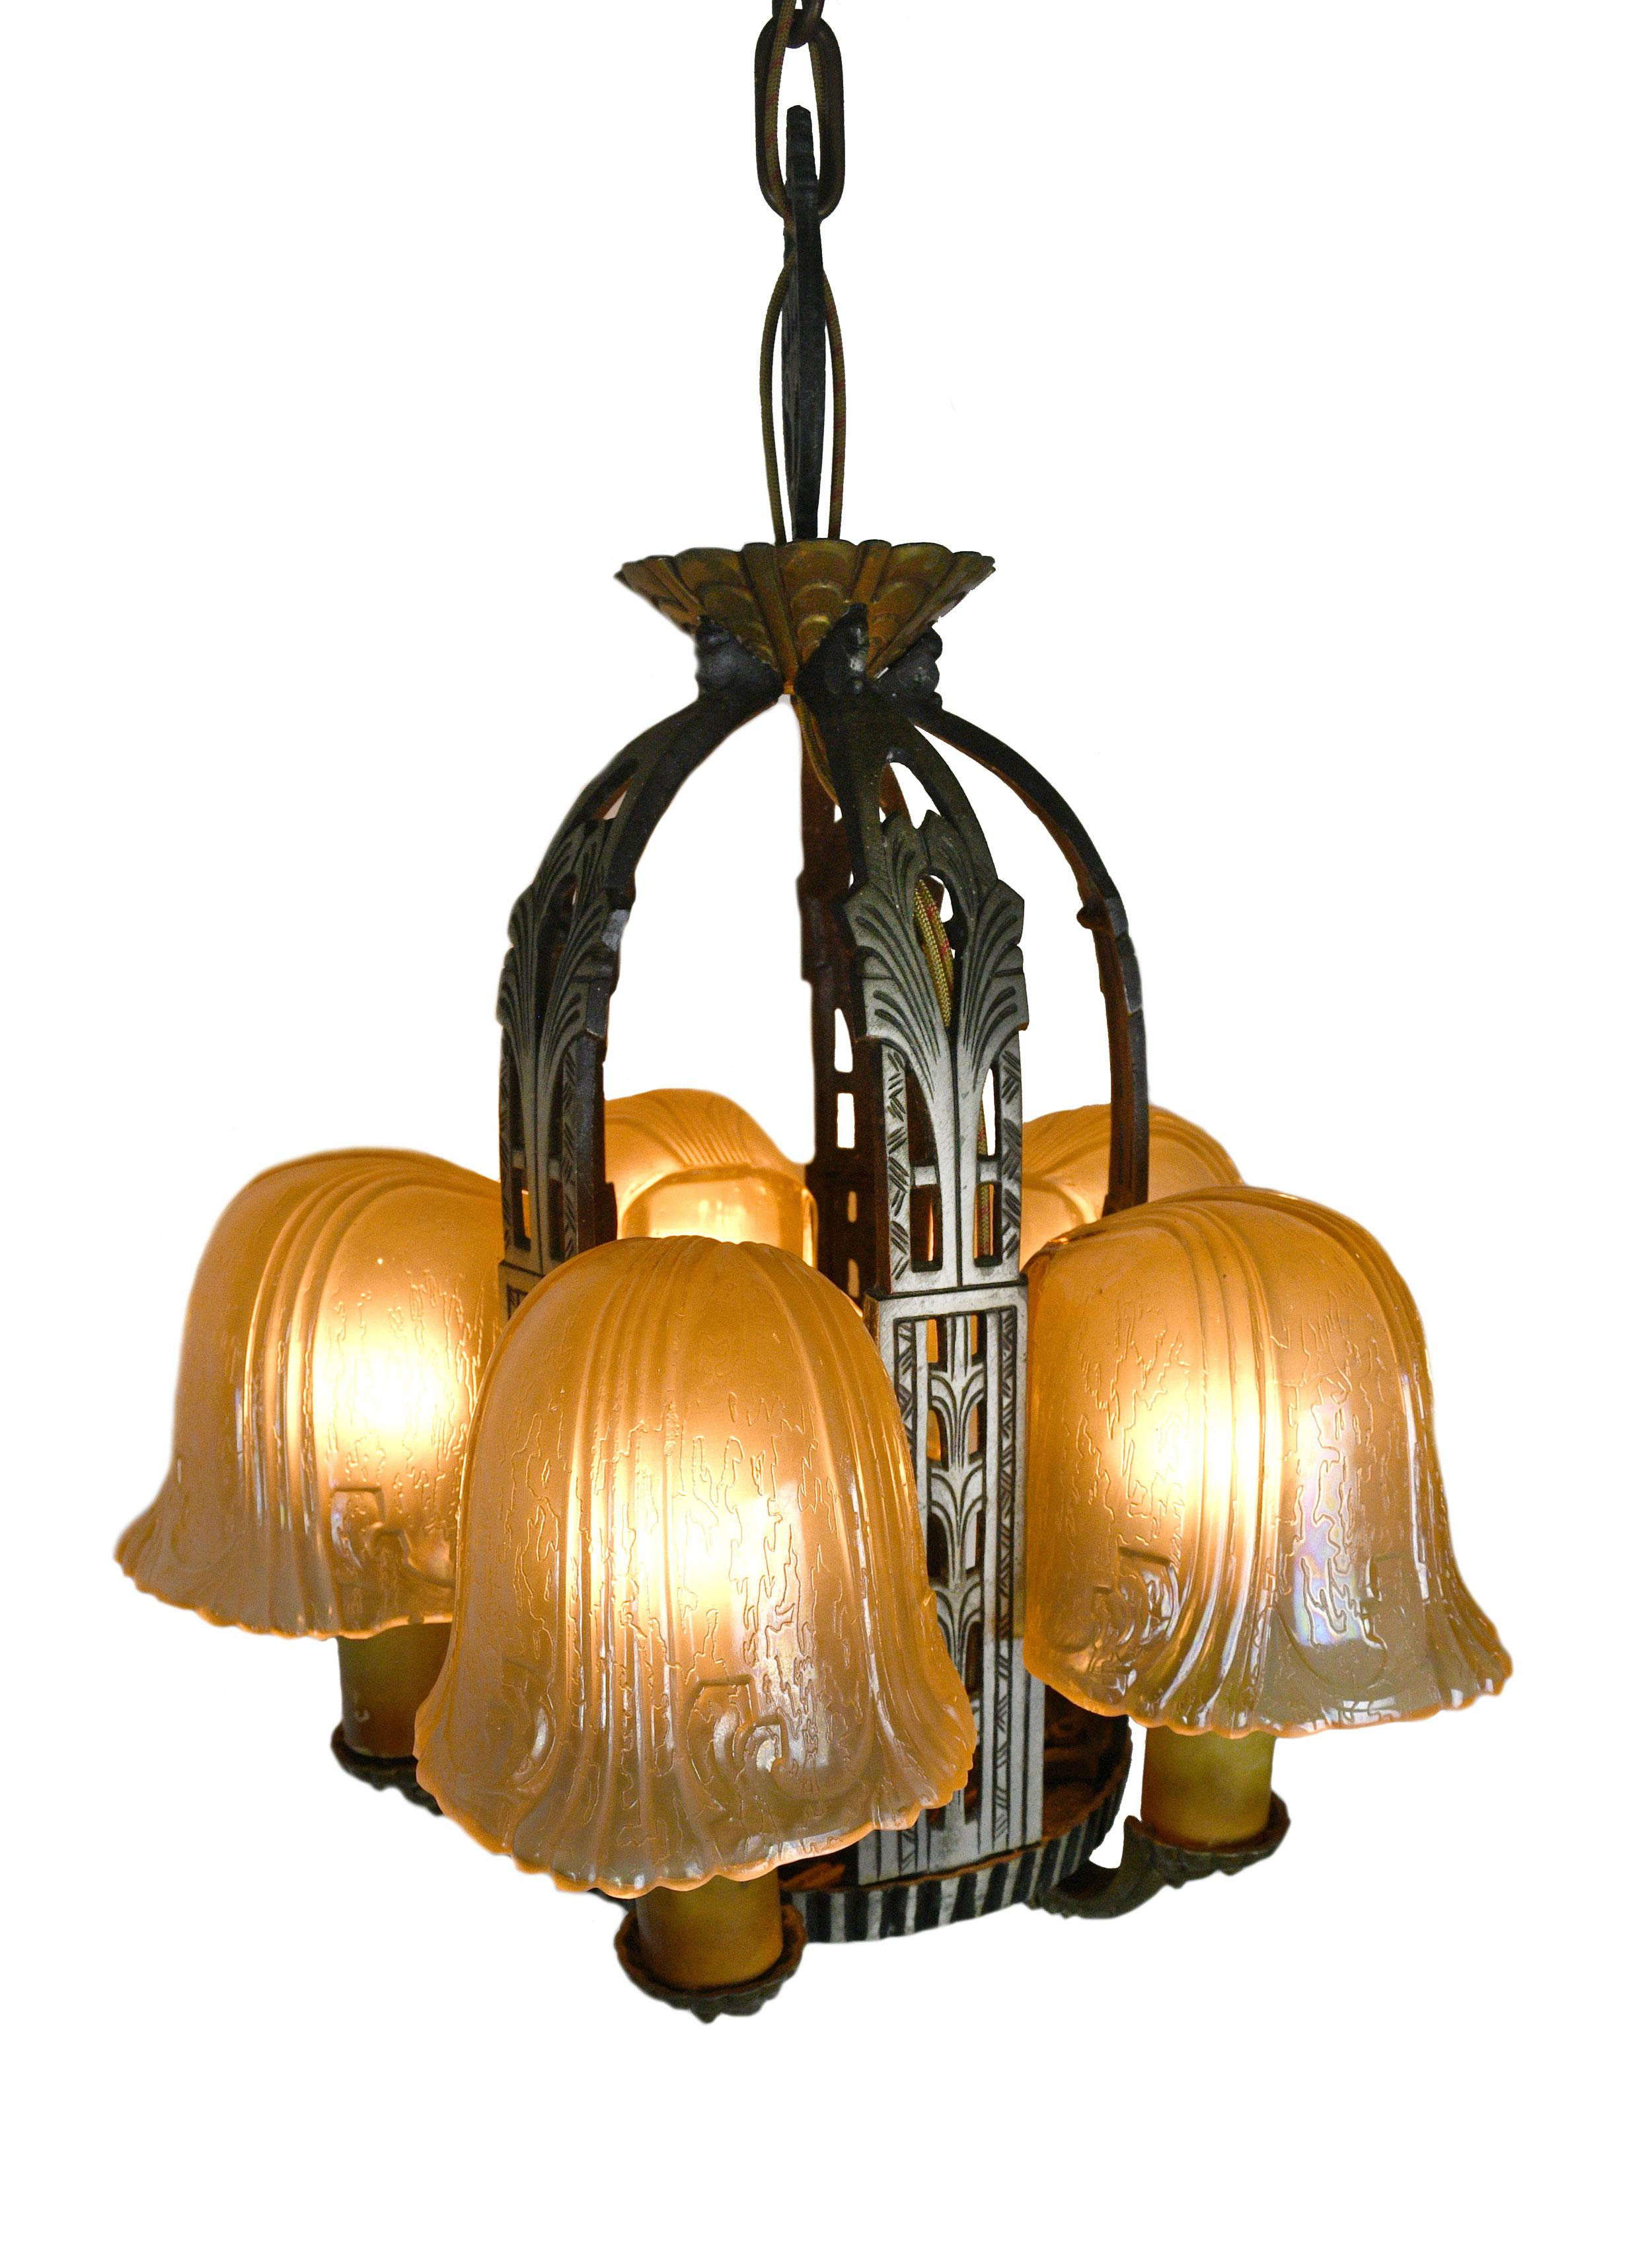 ART DECO 5 SLIP MILK GLASS SHADE HANGING CHANDELIER CEILING LIGHT 1920's 1930's